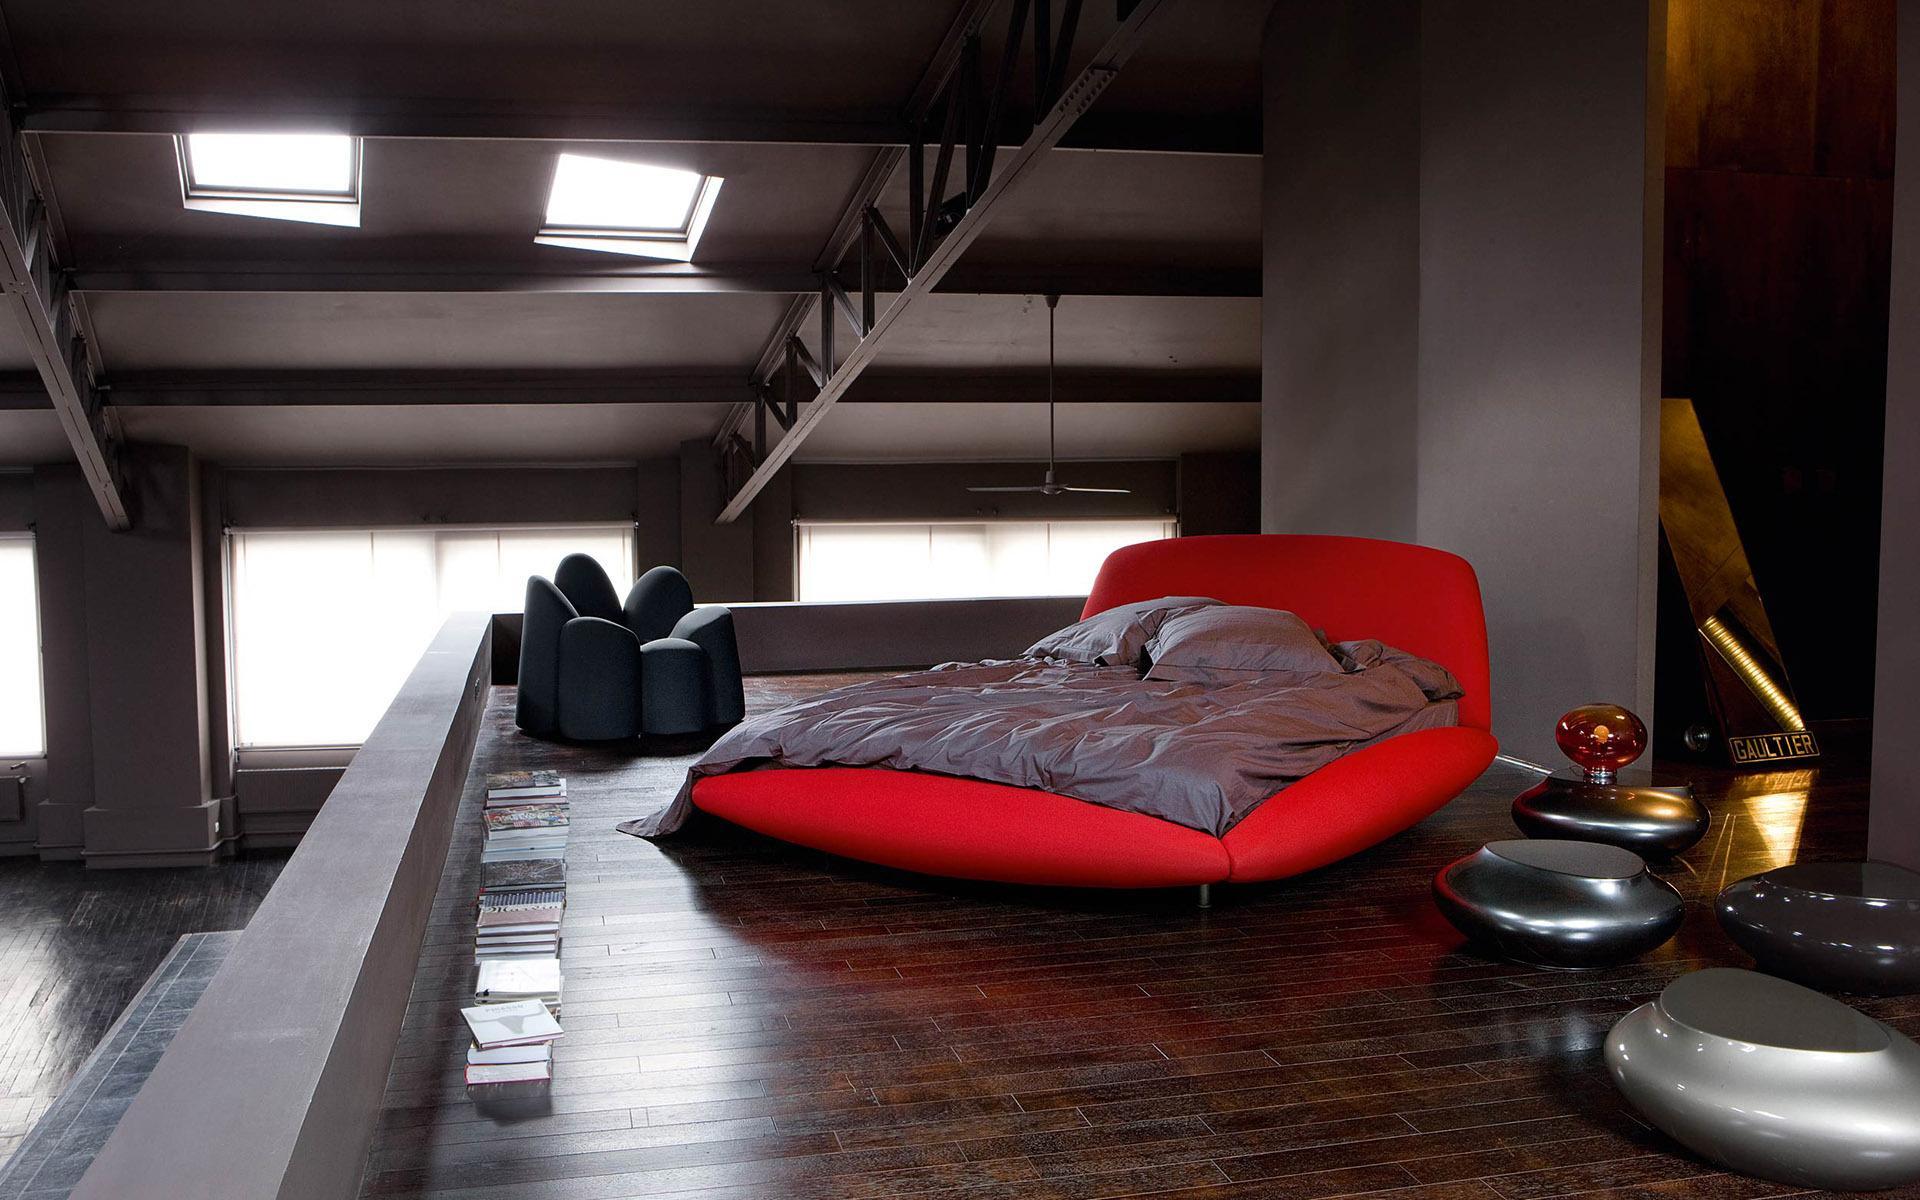 круглая кровать 85 фото размеры угловой модели с балдахином в